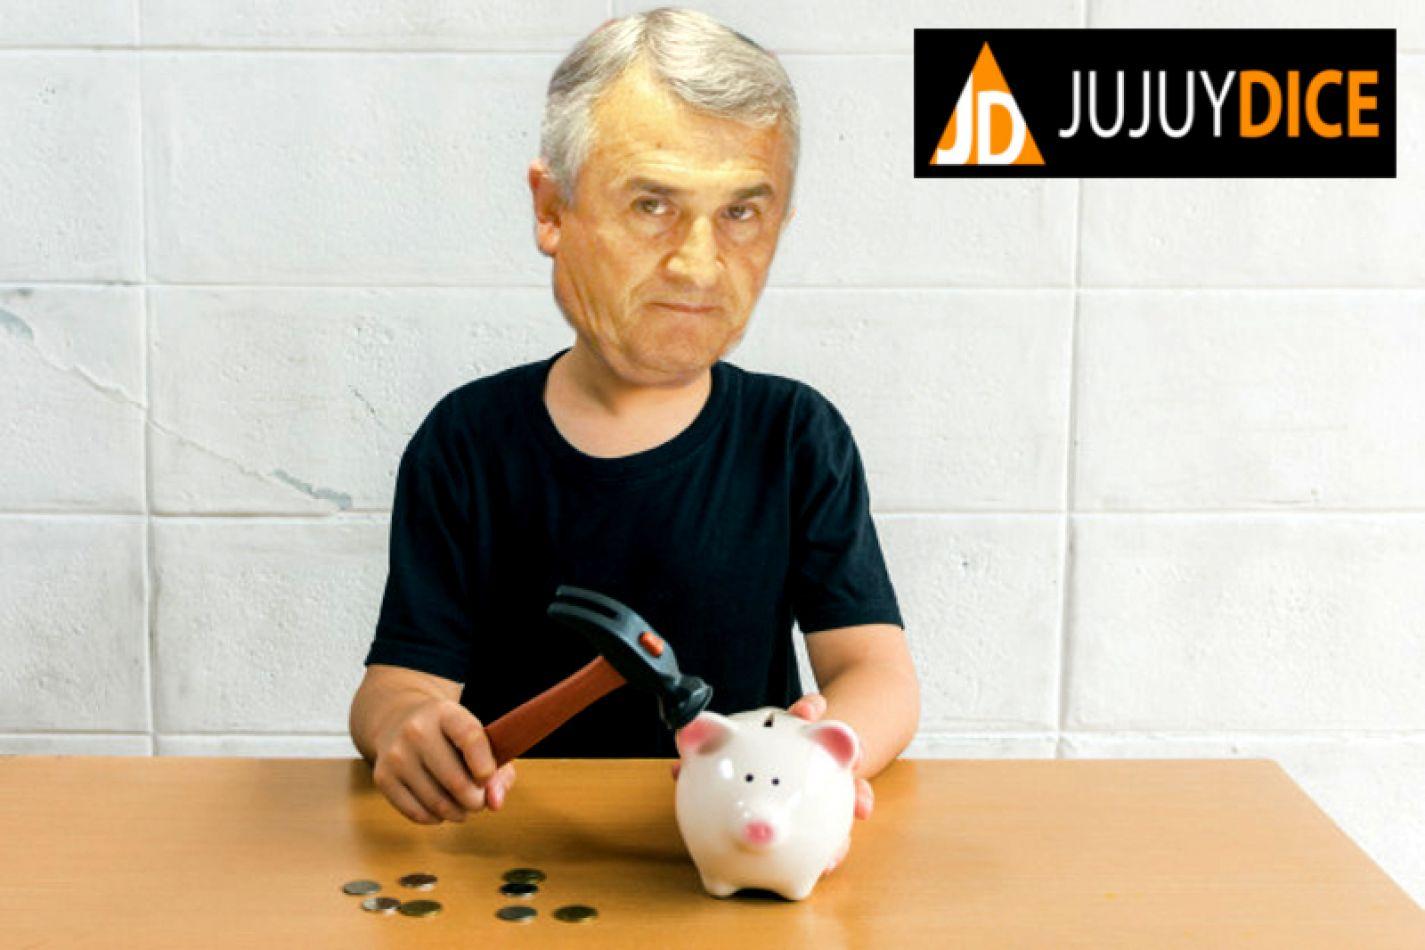 La deuda de Jujuy crece sin freno y el gobierno intenta ocultarla